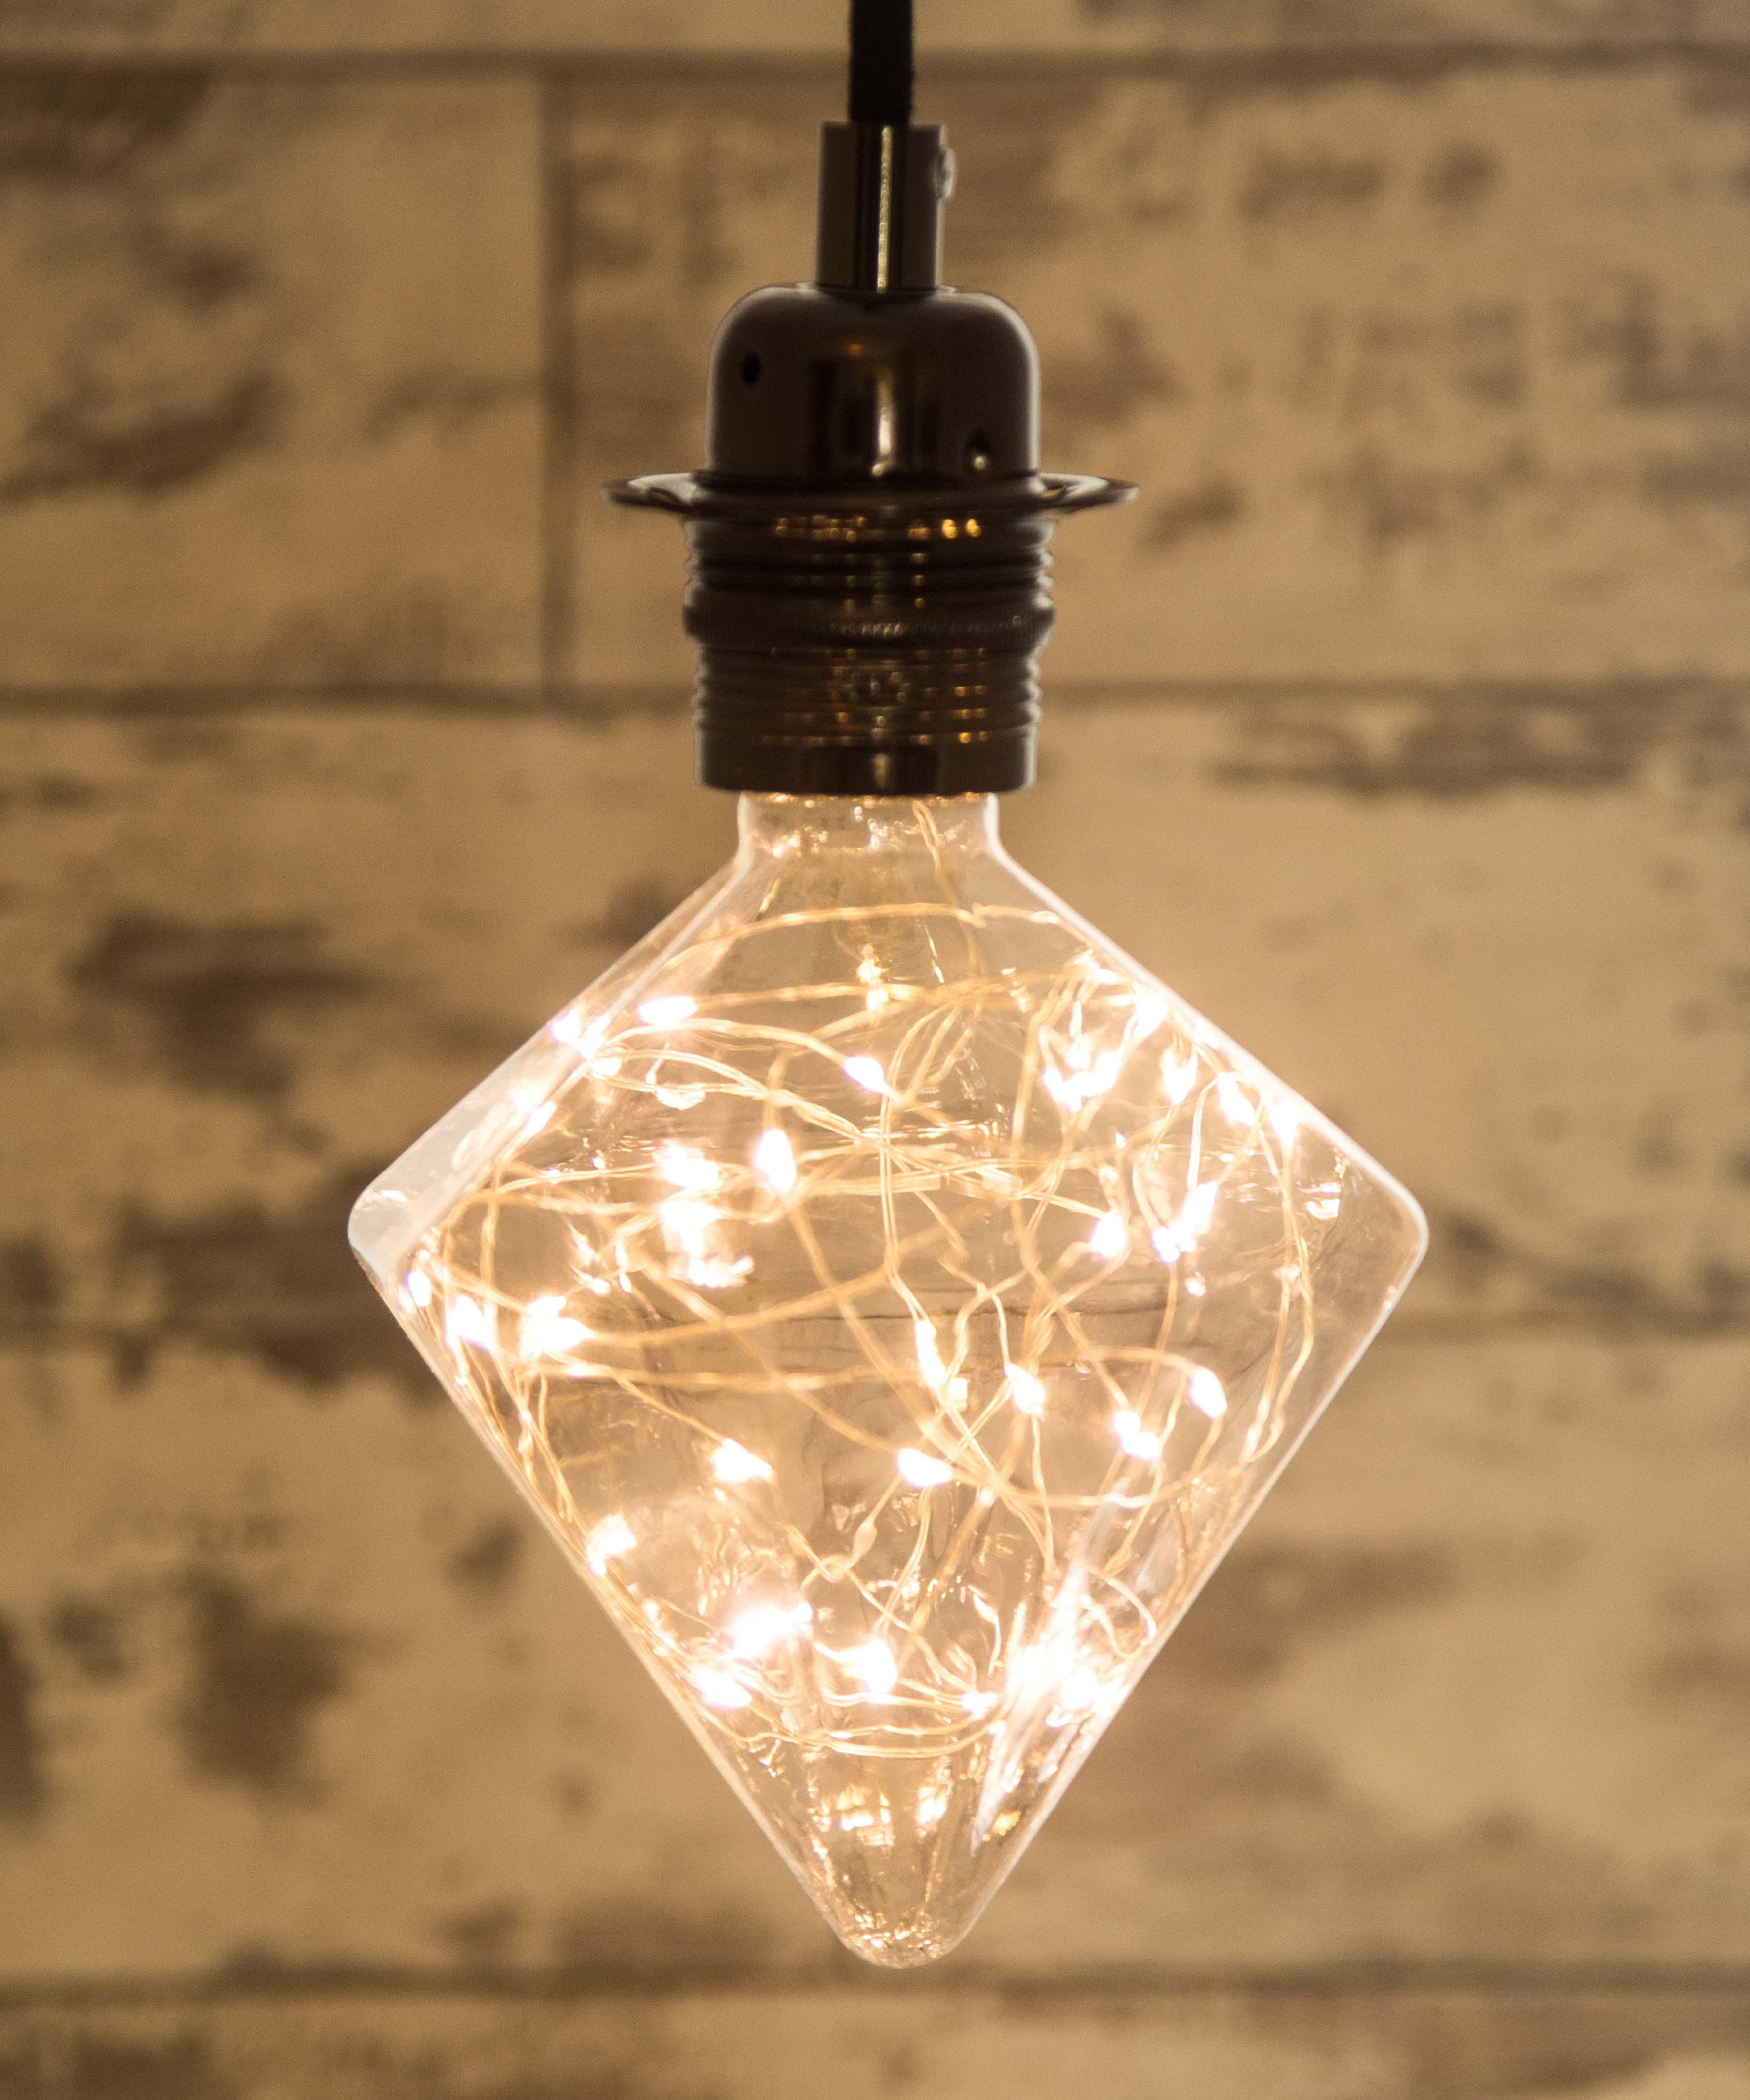 Led Decorative Lighting: Diamond Designer Decorative LED Light Bulb 1.7W E27 Long Life